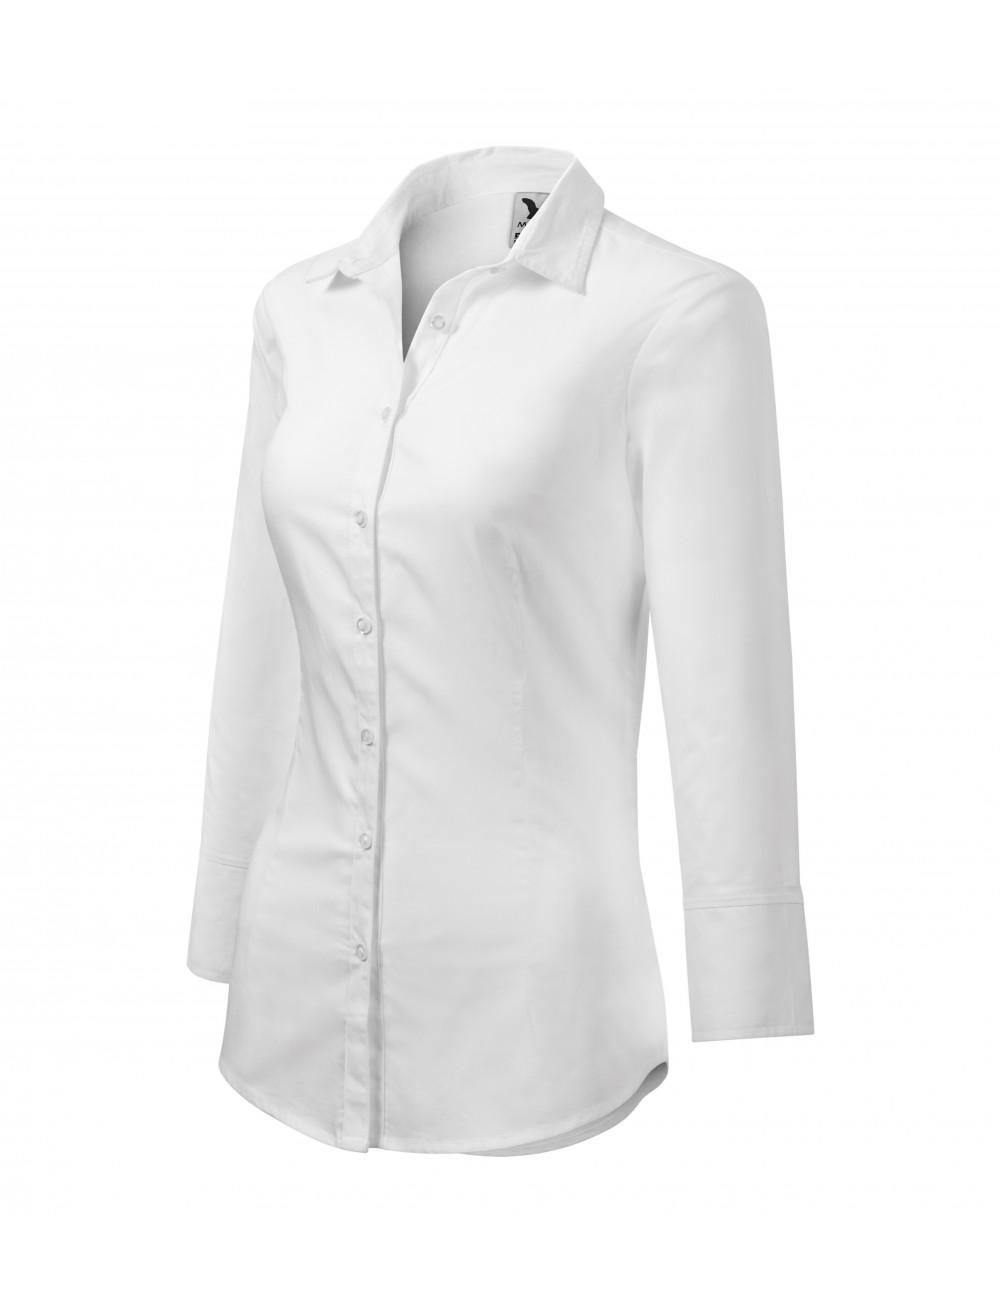 Adler MALFINI Koszula damska Style 218 biały